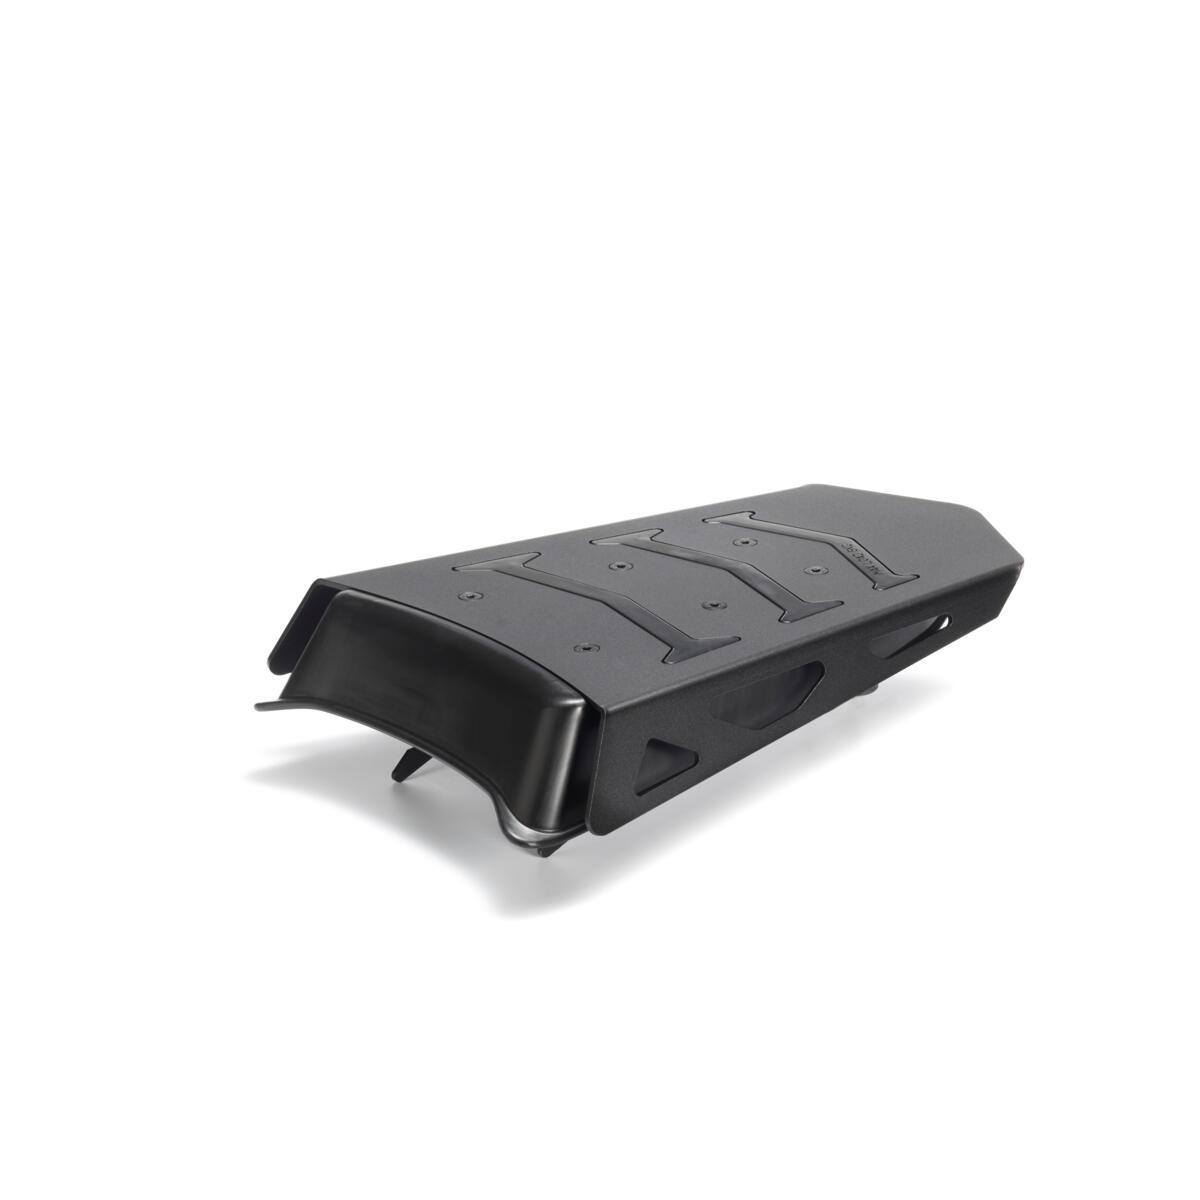 une petite présentation de ma Ténéré BW3-F48A0-00-00-MONO-SEAT-RACK-Studio-001_Tablet